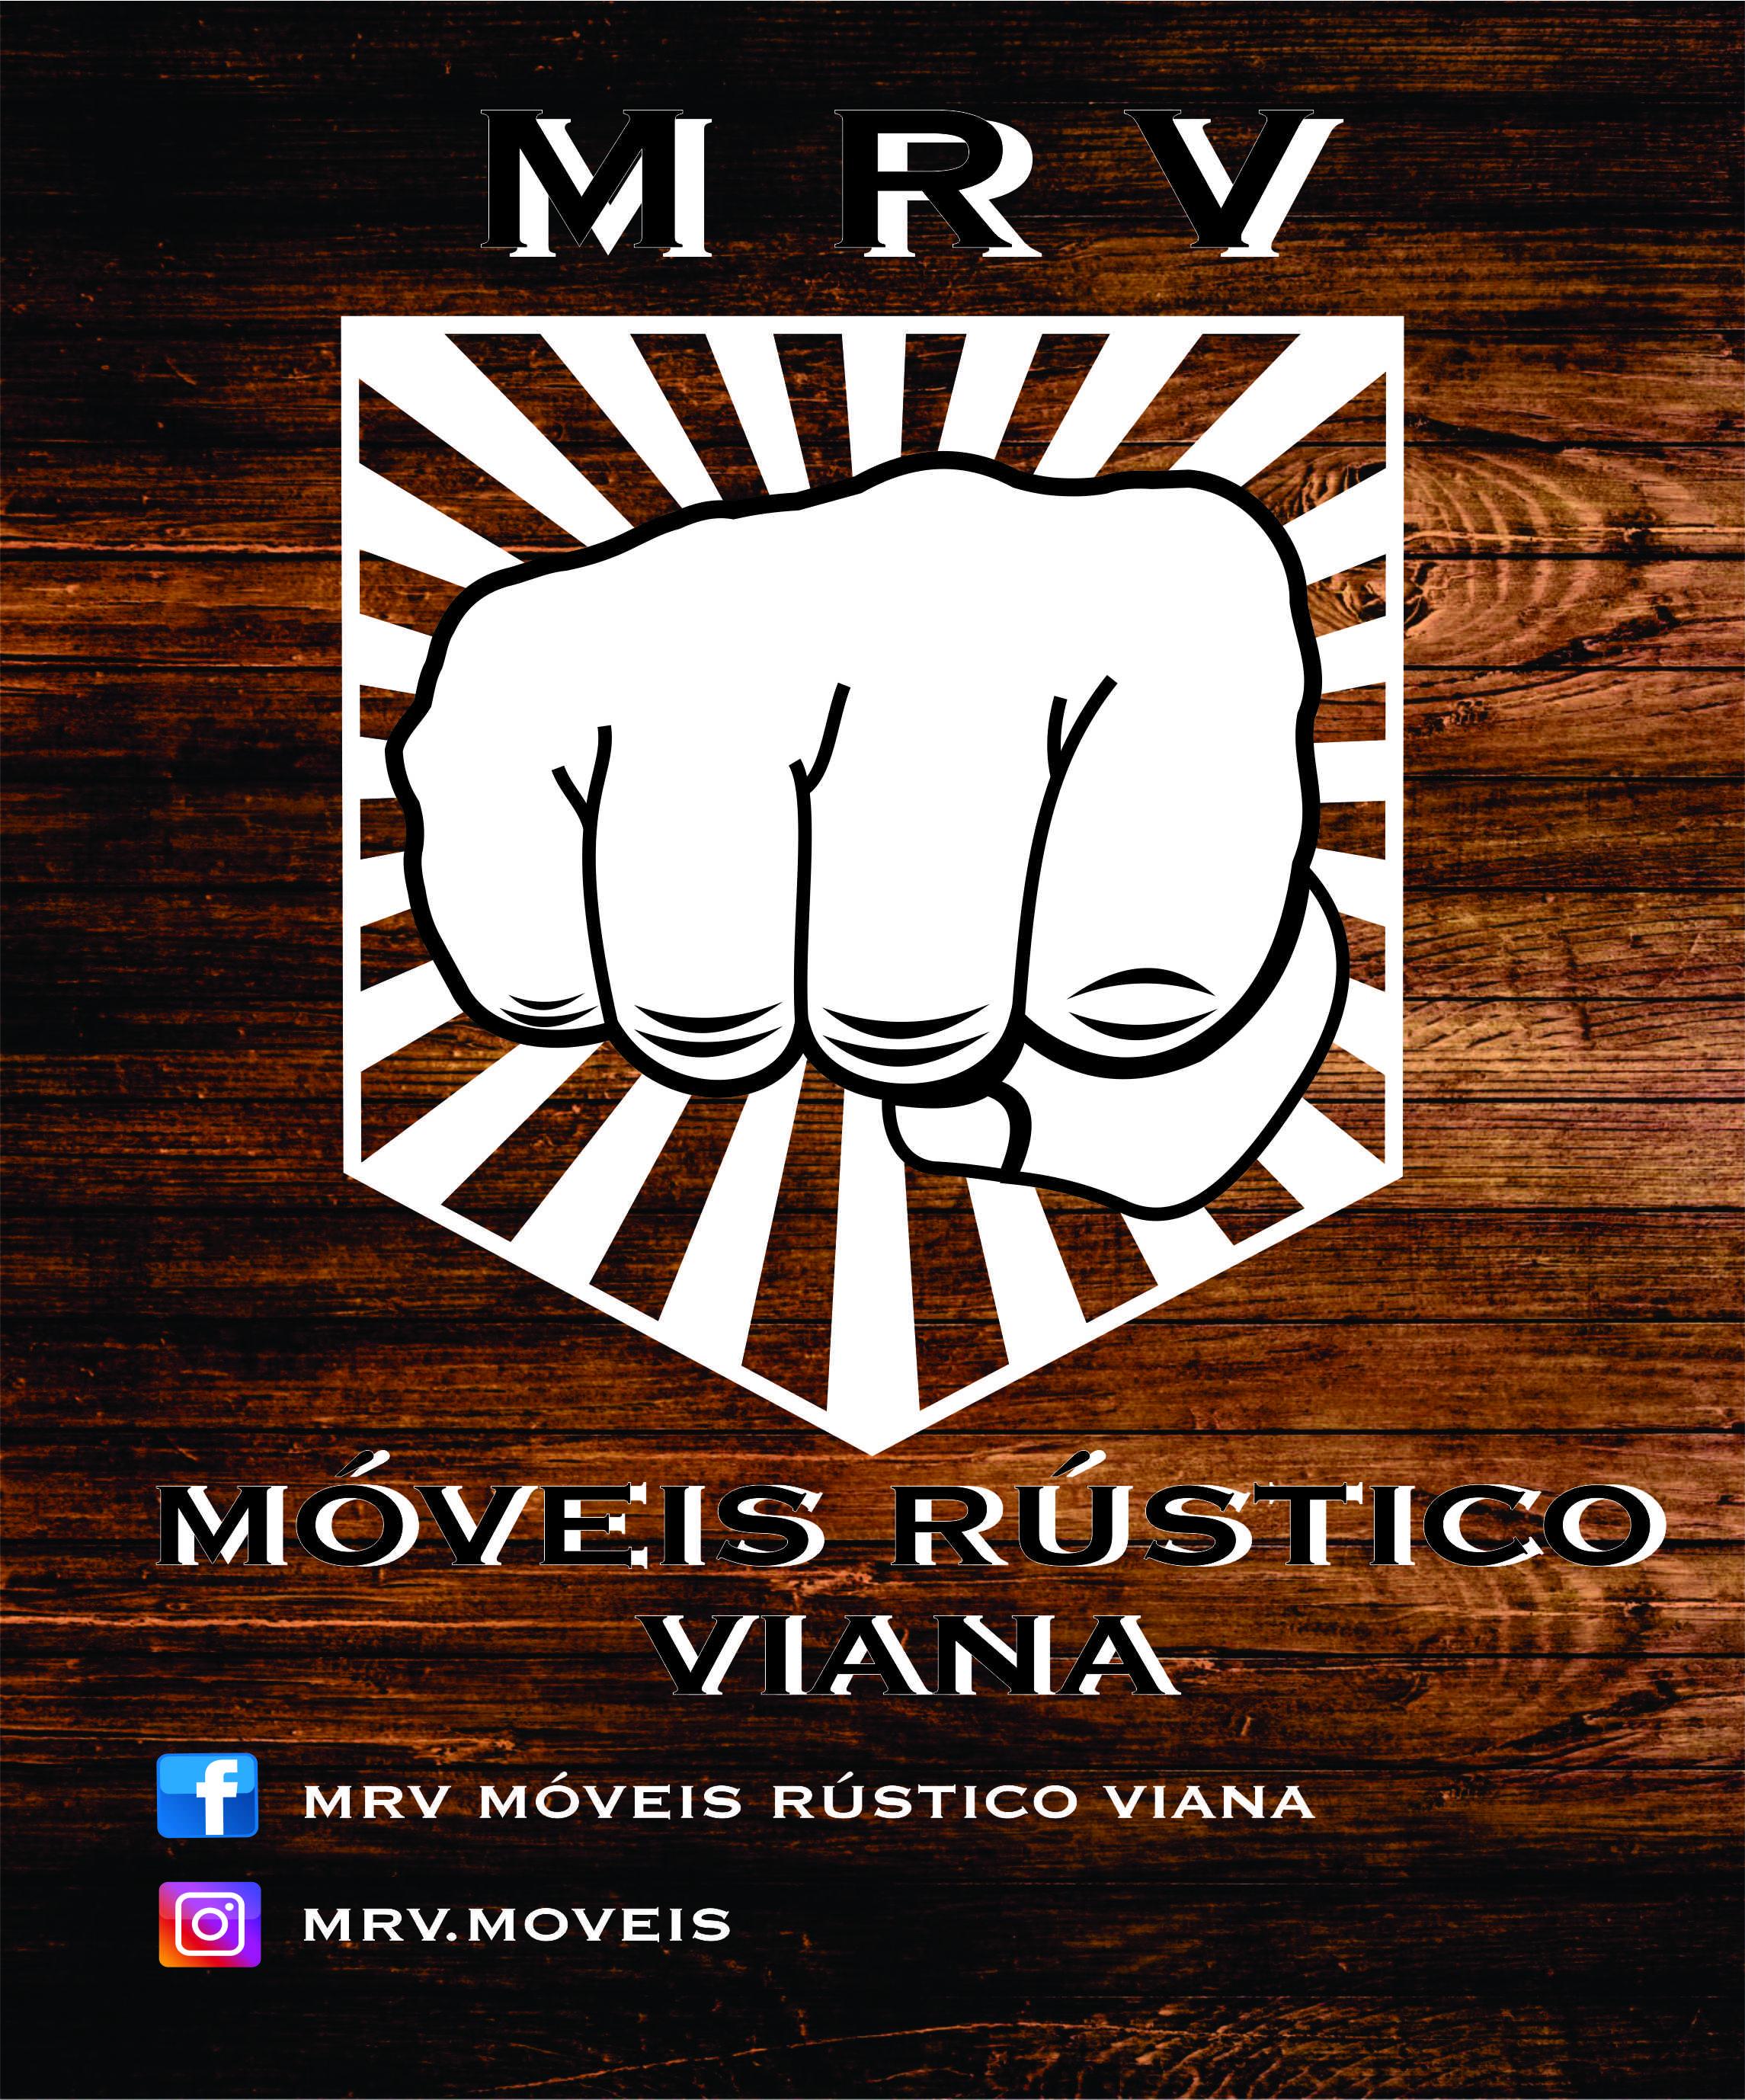 MRV móveis